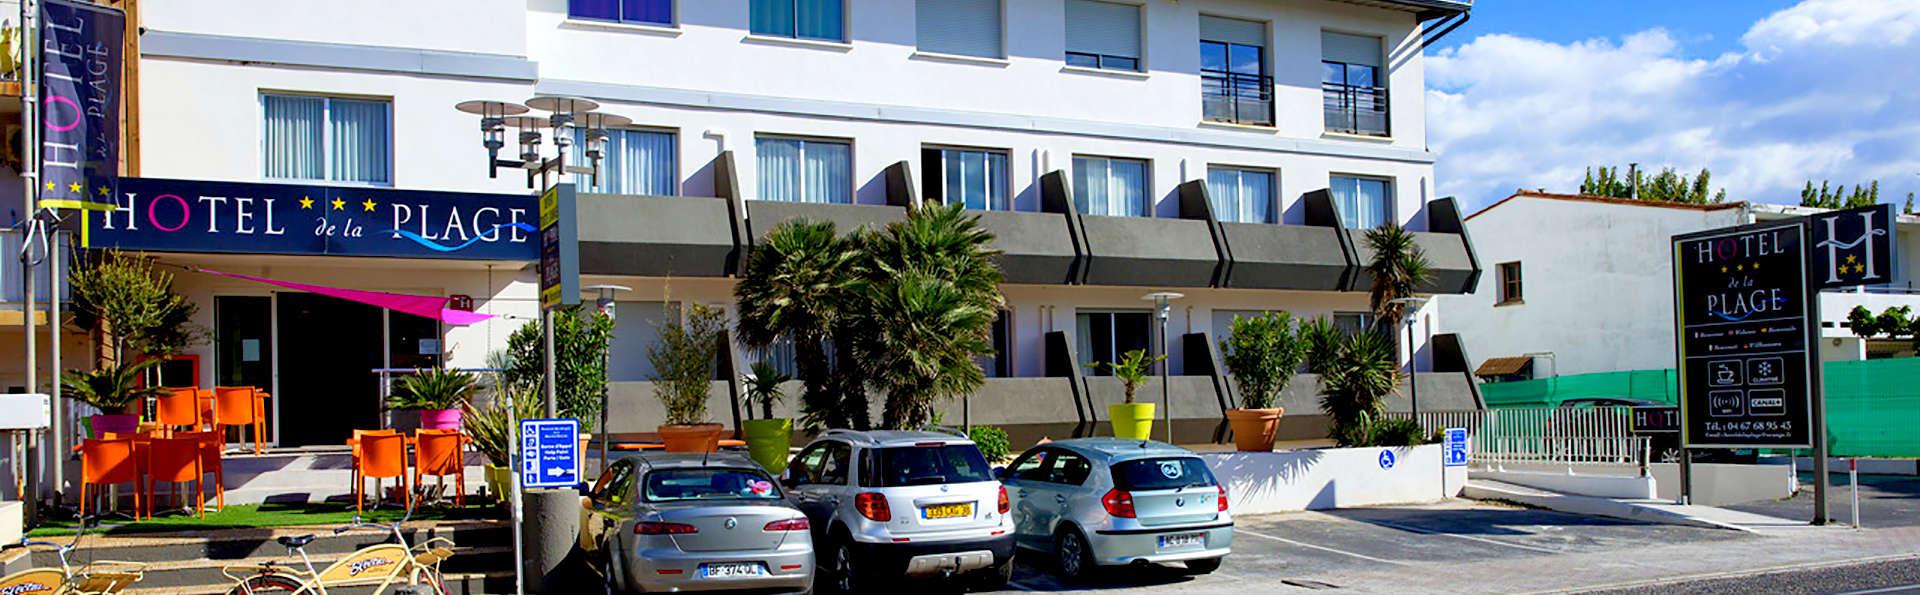 Hôtel de la Plage Montpellier Sud - Palavas - Edit_Front.jpg